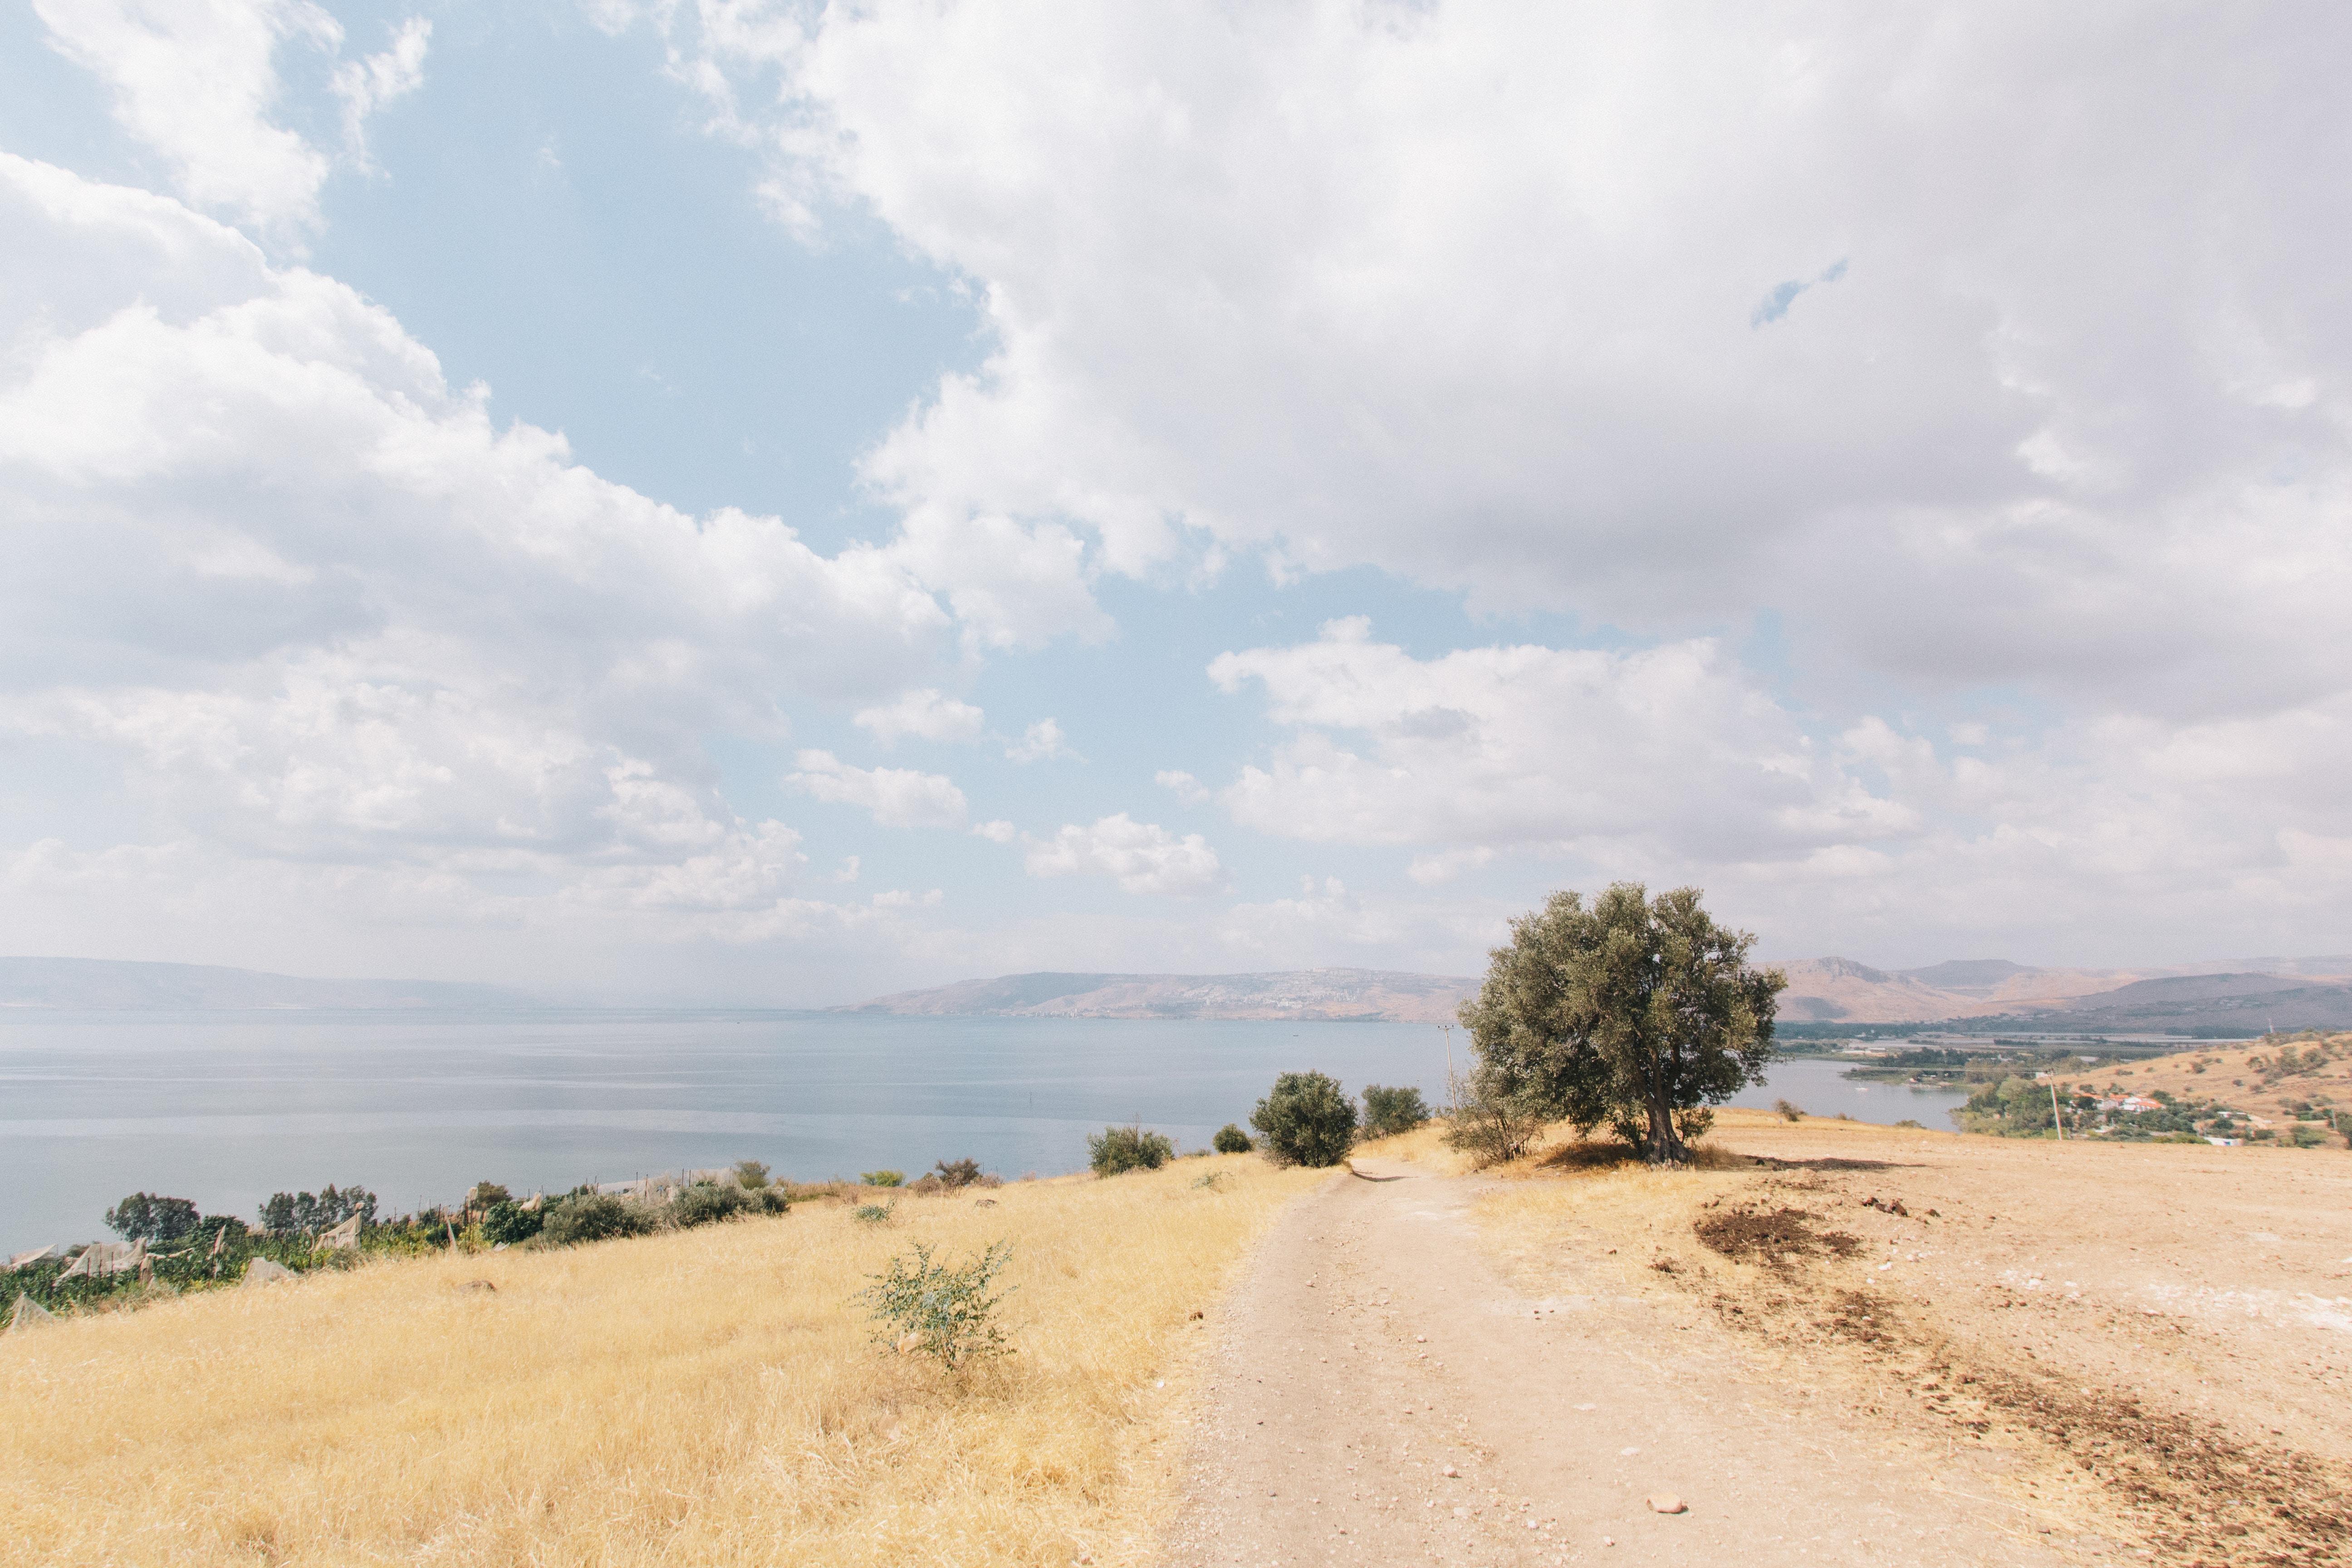 Israel Top 10 Destinations of 2018